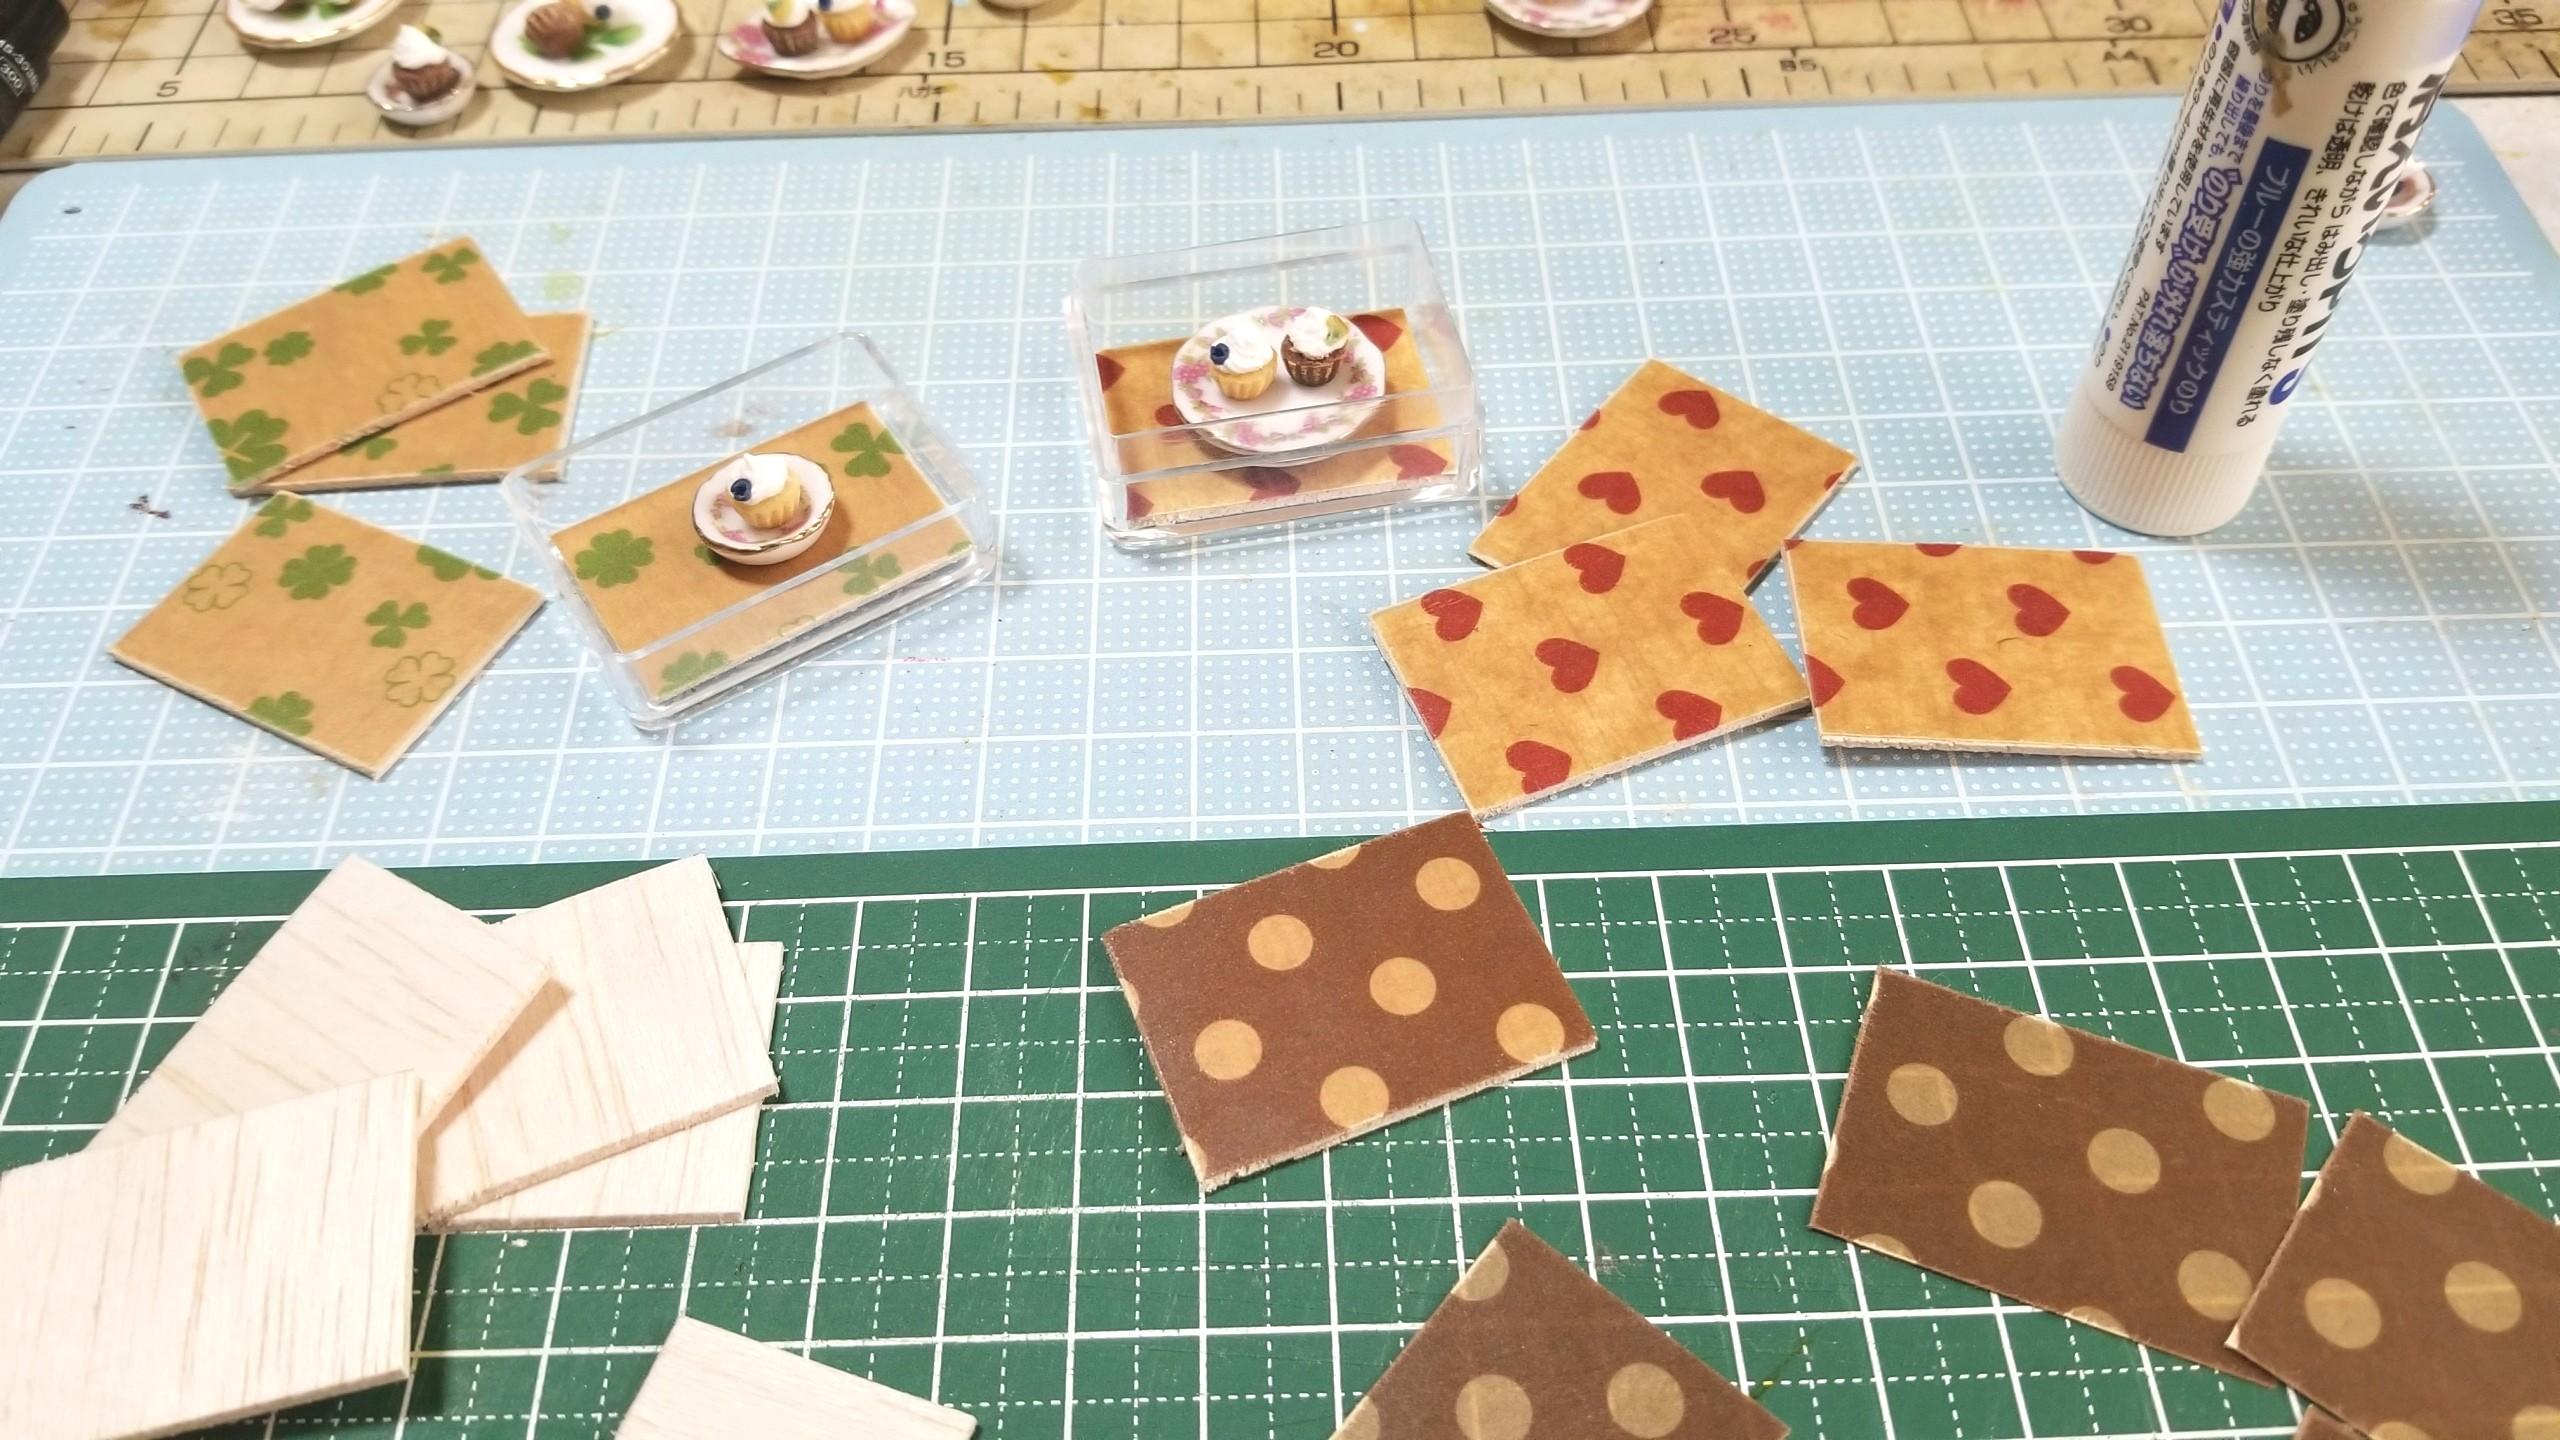 カップケーキ,ミニチュアフード,土台,折り紙,作り方,ドール,人形